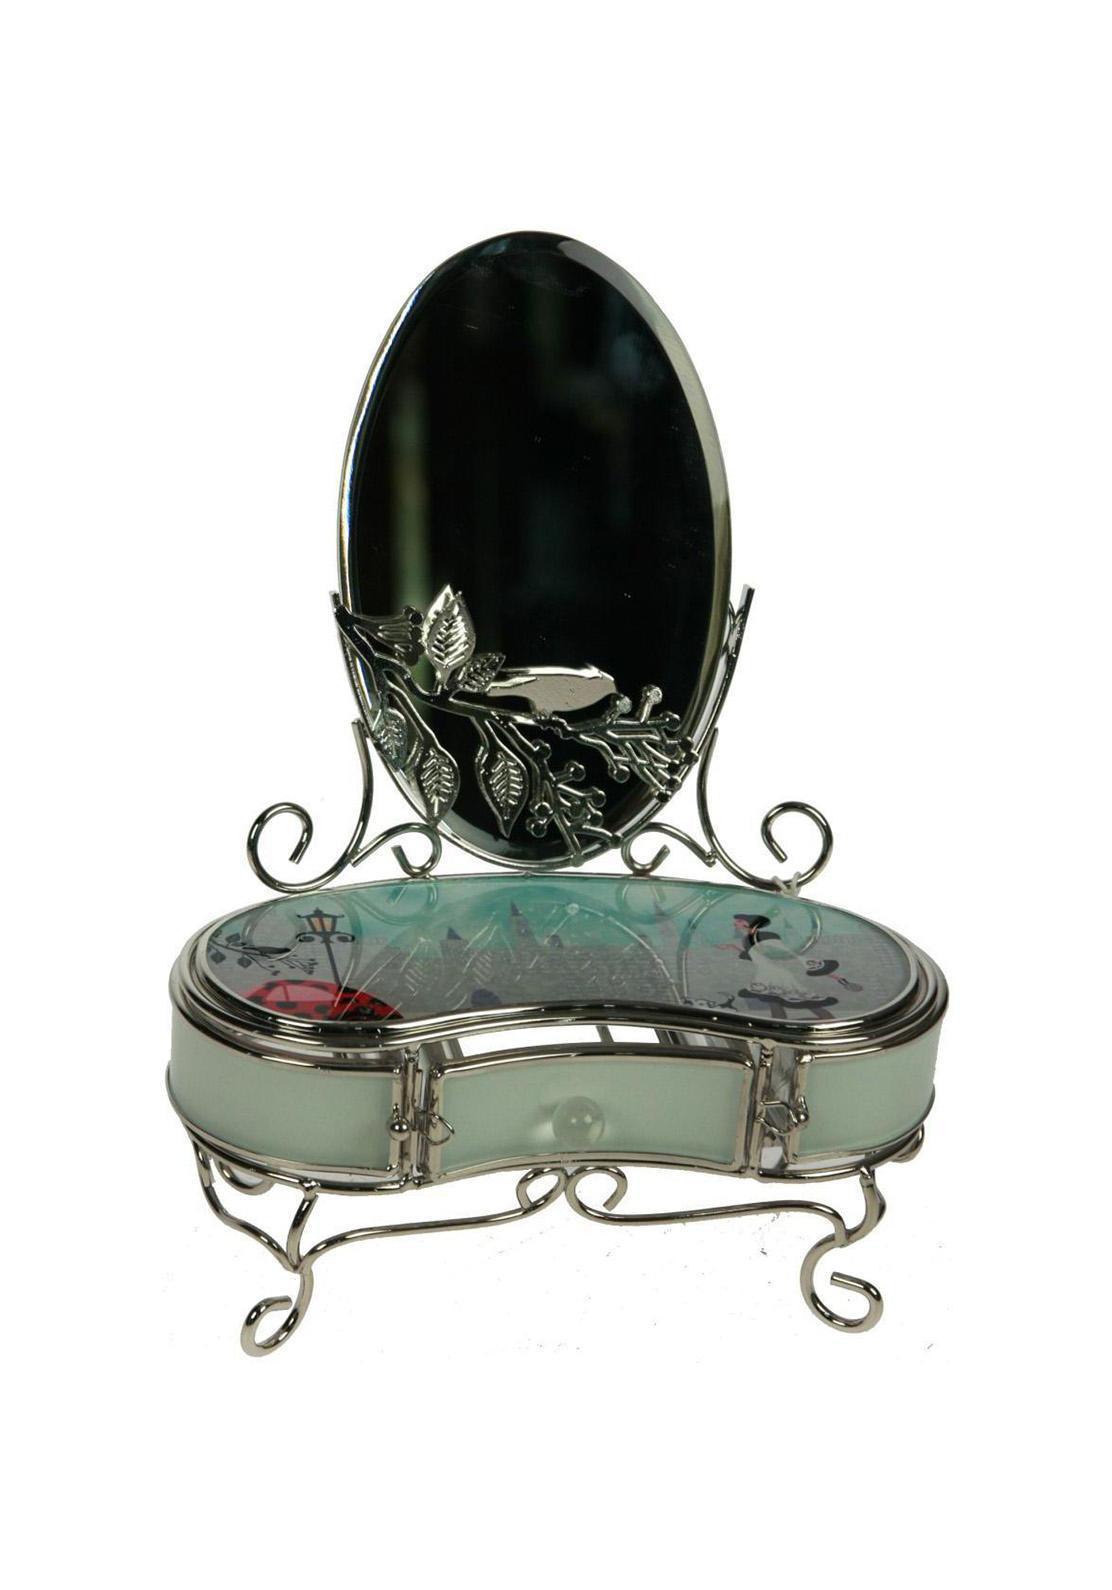 Шкатулка с зеркалом Модница78841Шкатулка Русские подарки Модница 78841 - это превосходный подарок любой женщине. Она выполнена из стекла, металла и акрила. Шкатулка сохранит ваши ювелирные изделия в первозданном виде, а также украсит комнату своим оригинальным дизайном. Материал: стекло, металл (железо, сплав олова), акрил; цвет: светло-зеленый